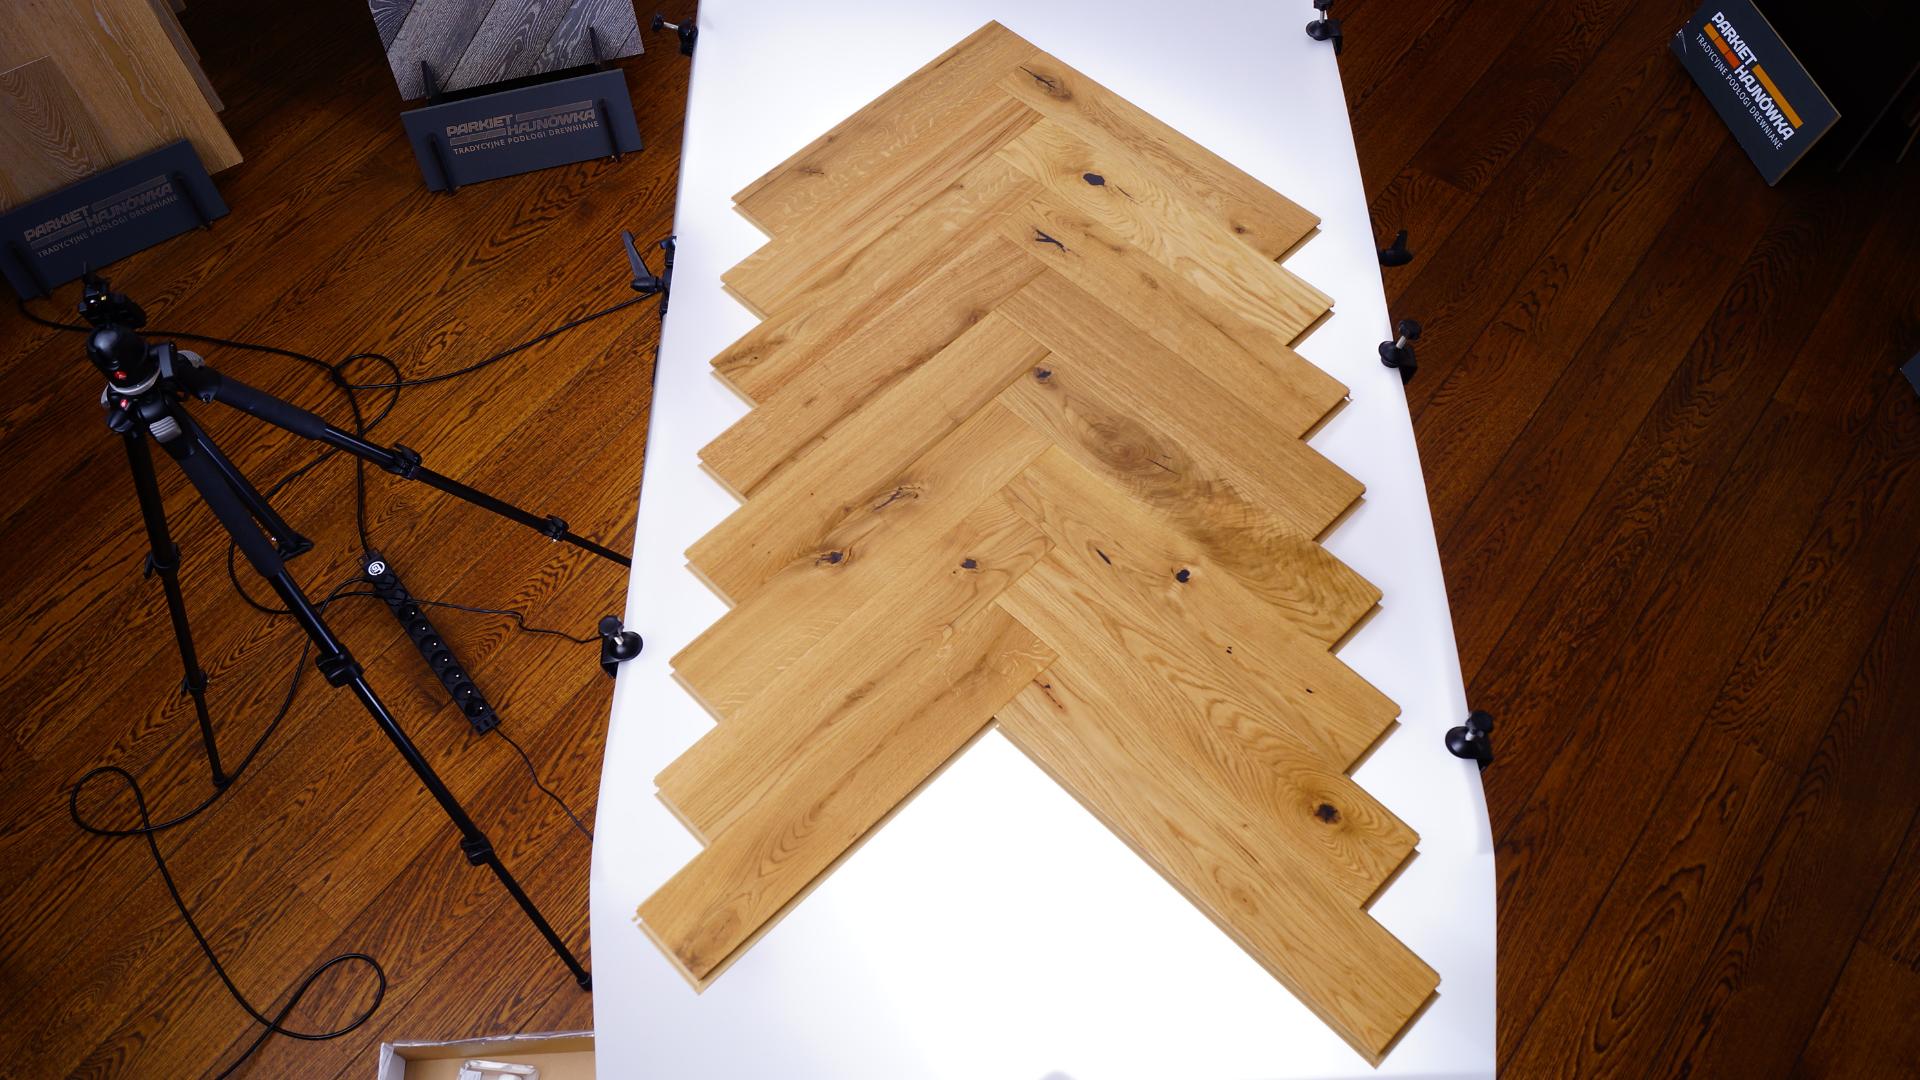 Jaka podłoga do salonu 2021? Stworzyliśmy ulepszoną deskę podłogową